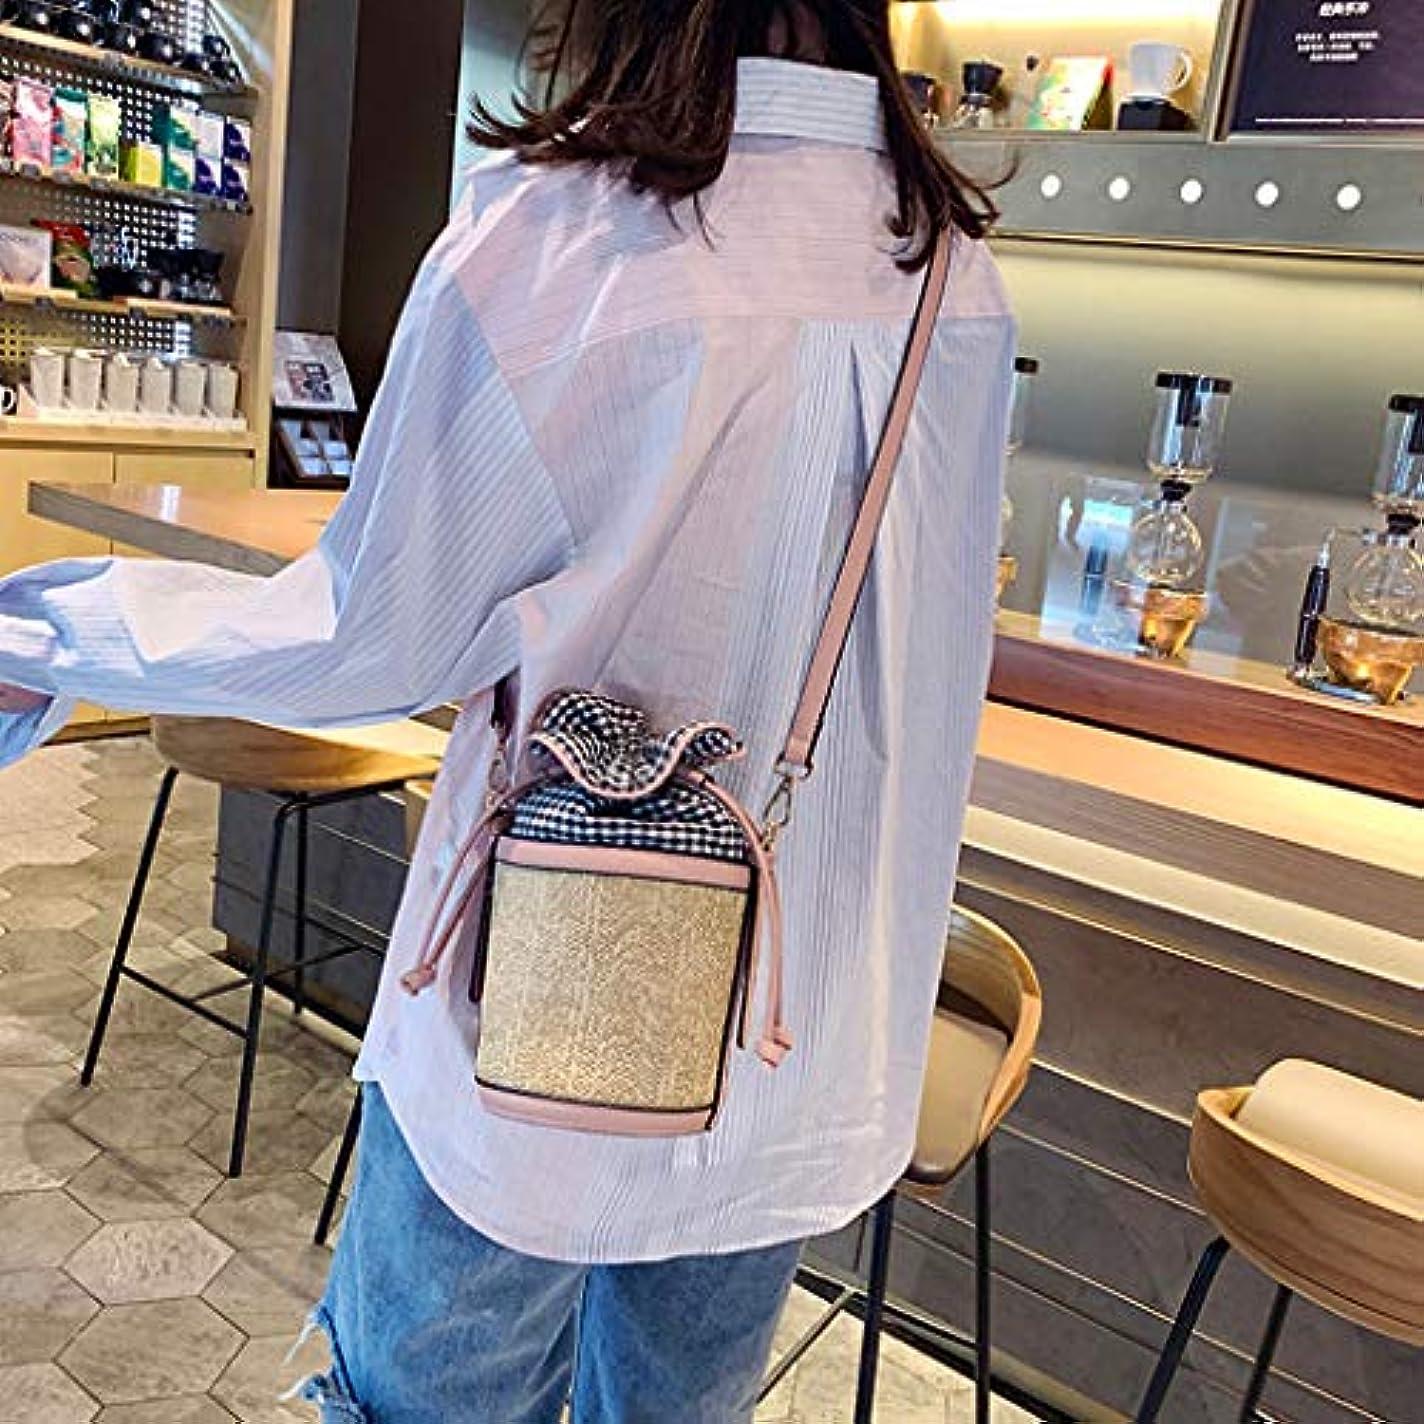 考古学者目立つアルコールファッション女性レトロ織り格子革バケットバッグクロスボディバッグショルダーバッグ、女性のヴィンテージ織格子縞ステッチバケットバッグ斜めバッグ (ピンク)